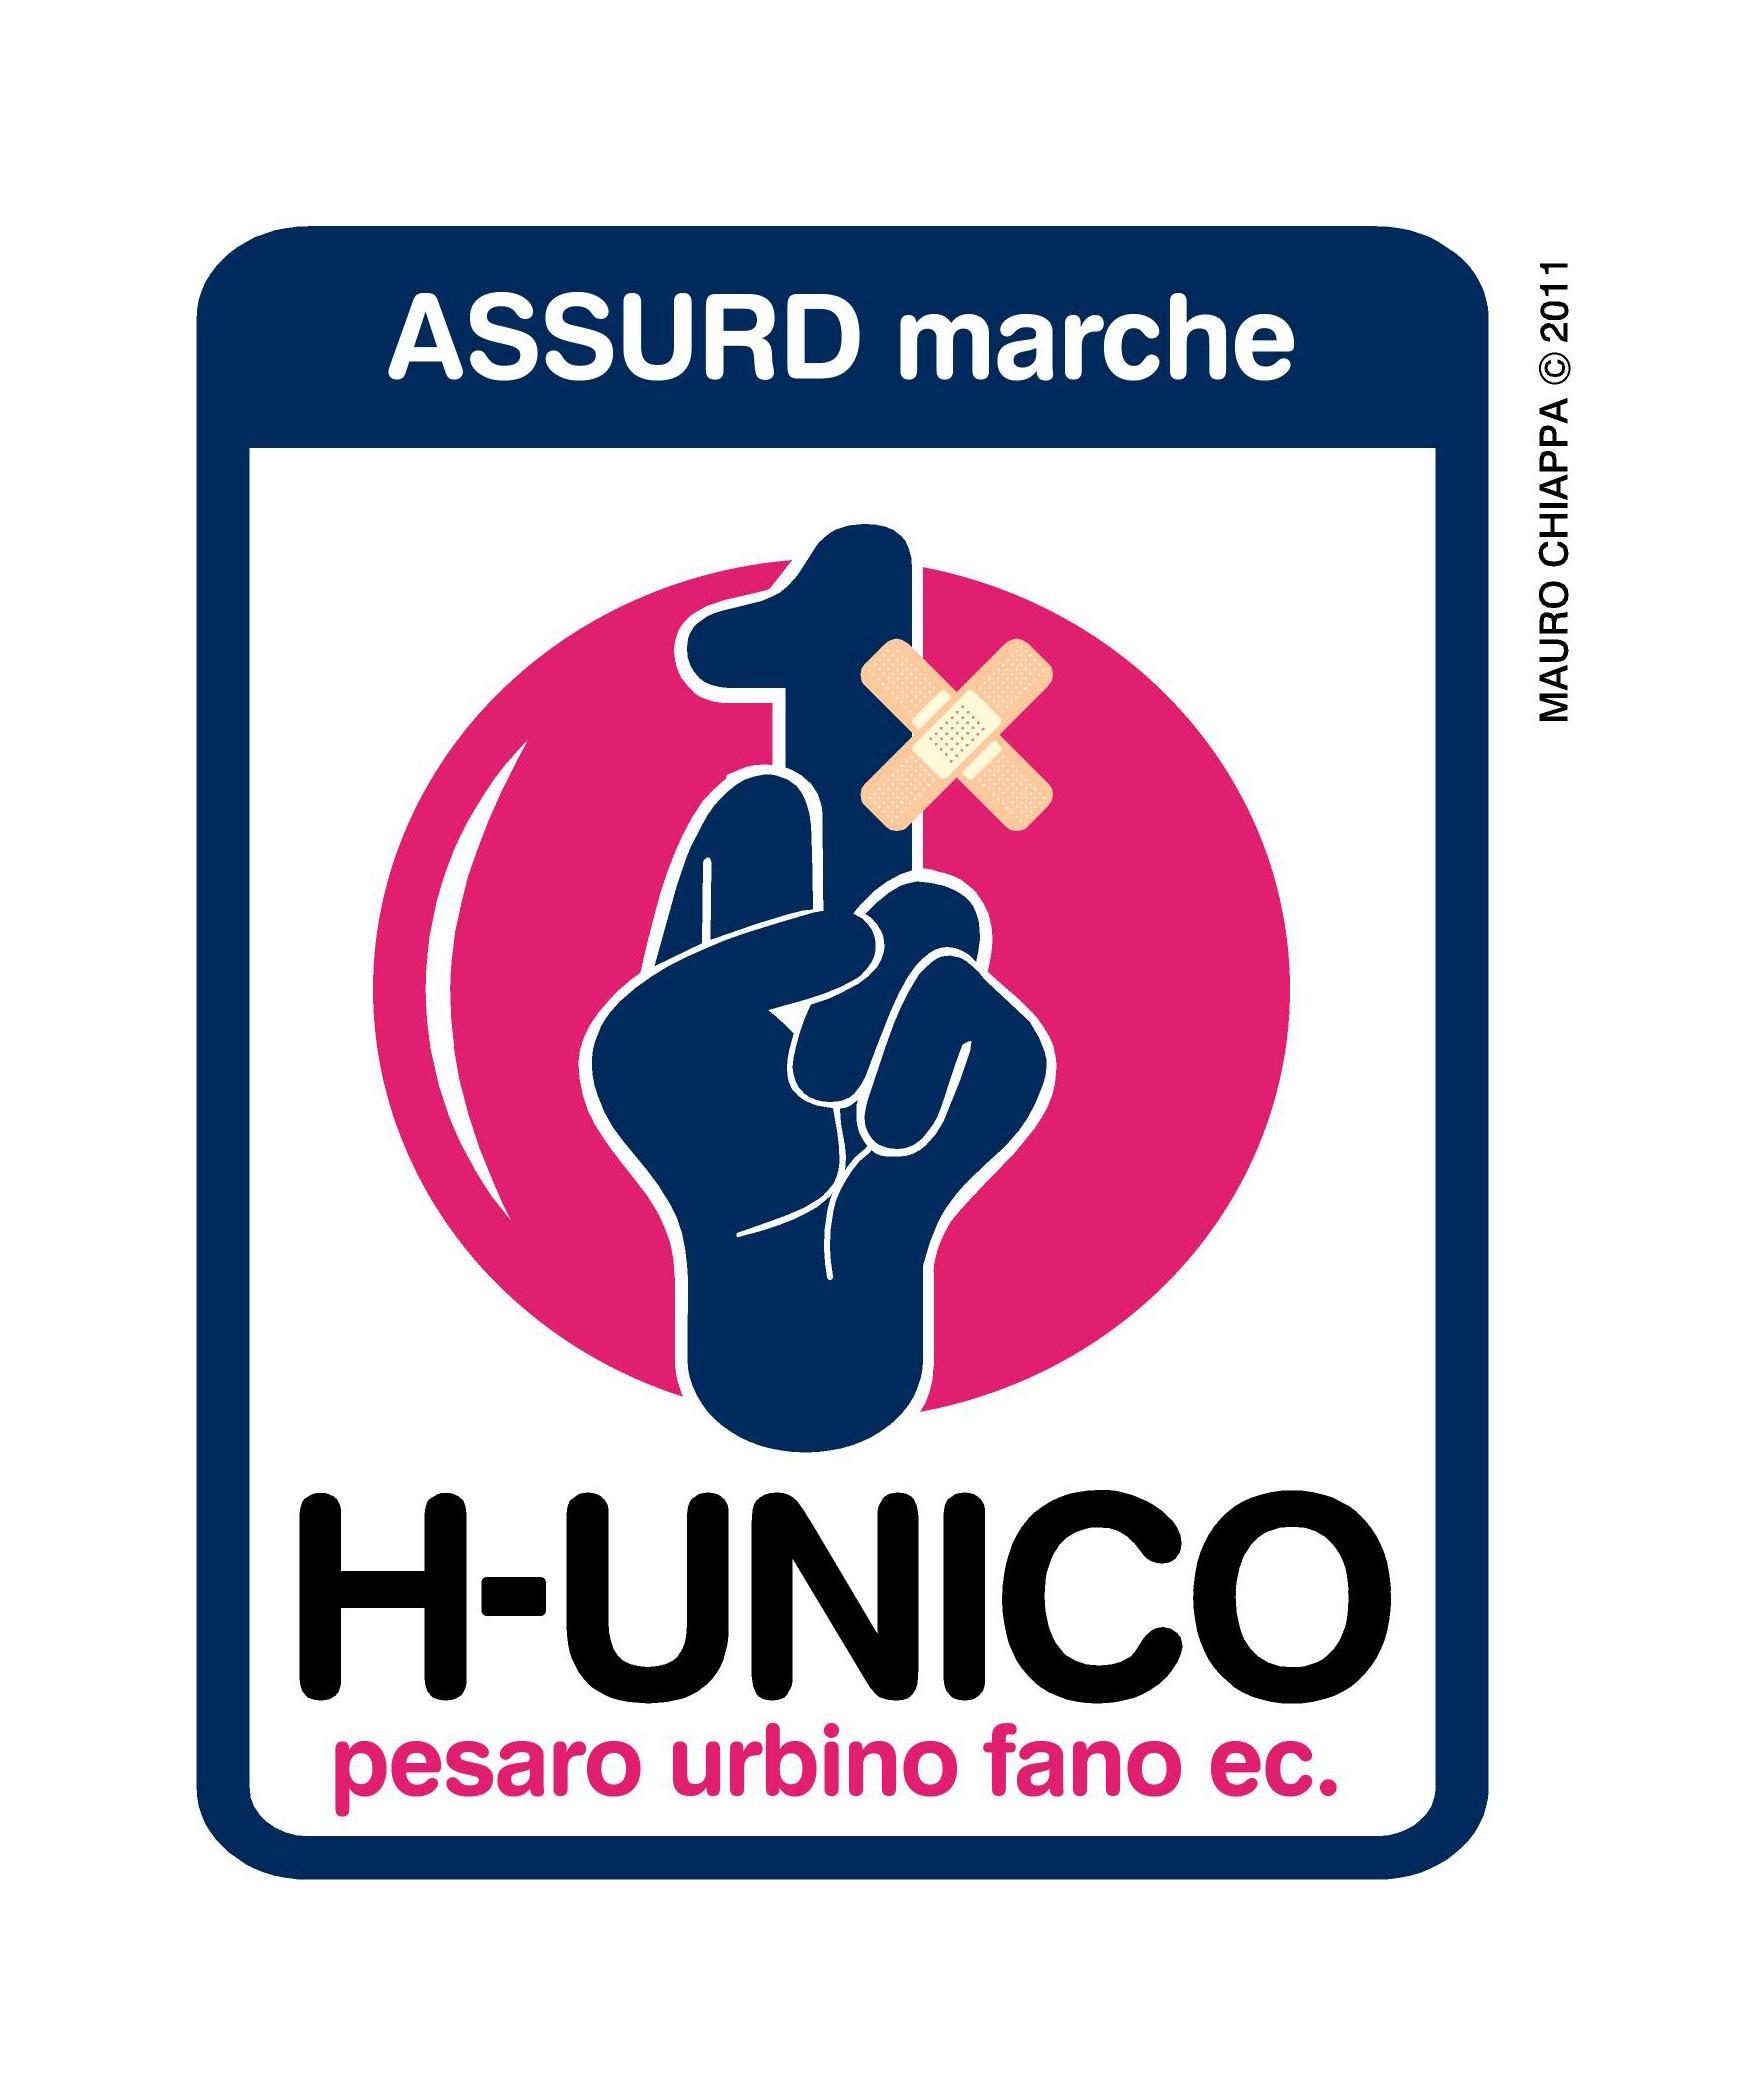 H UNICO